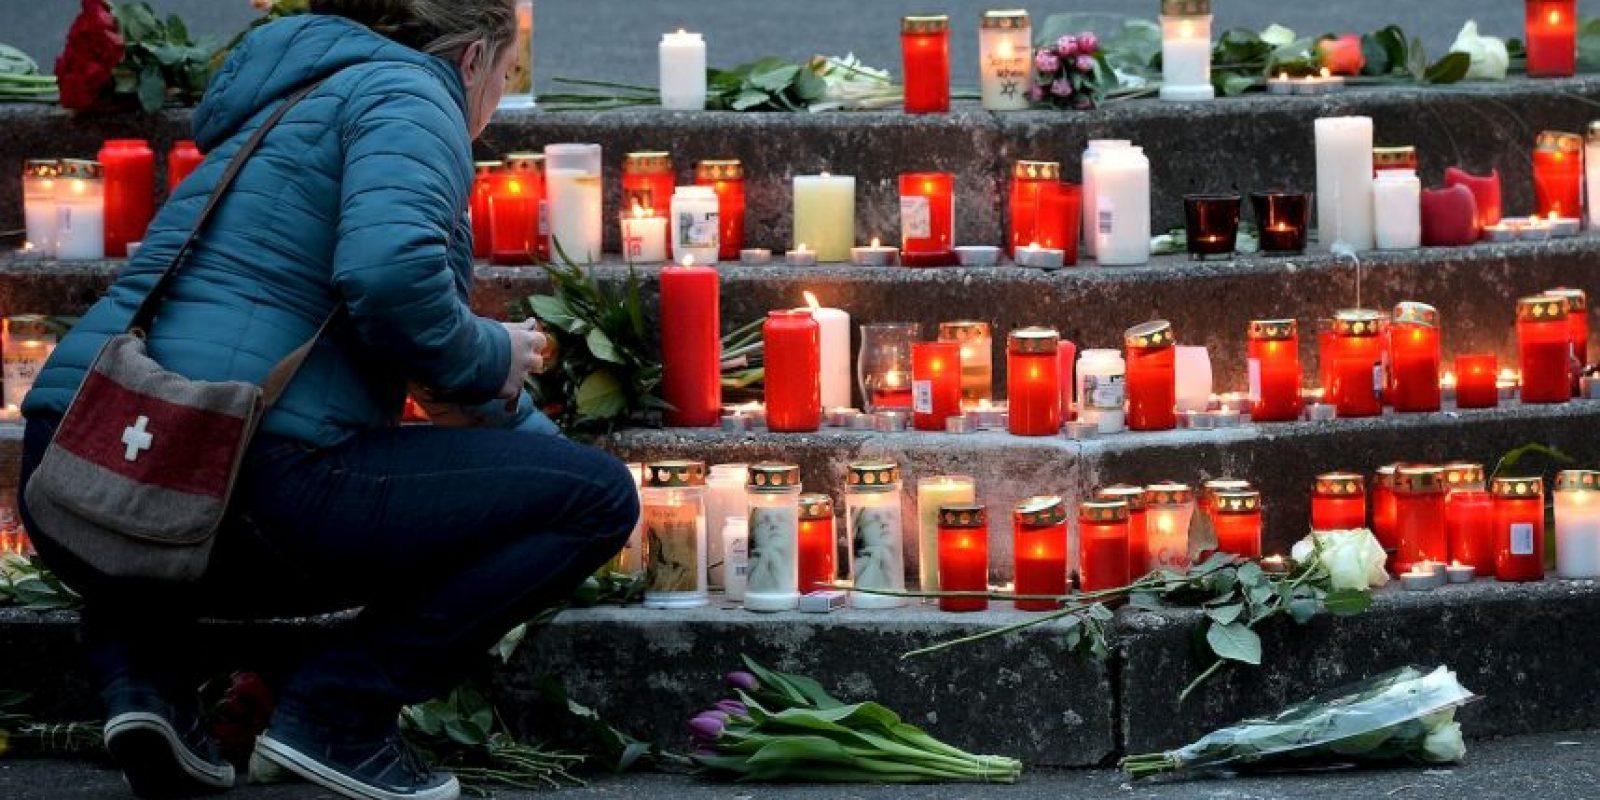 Andreas Lubitz habría recibido tratamiento psicoterapéutico por tendencias suicidas. Foto:GETTY